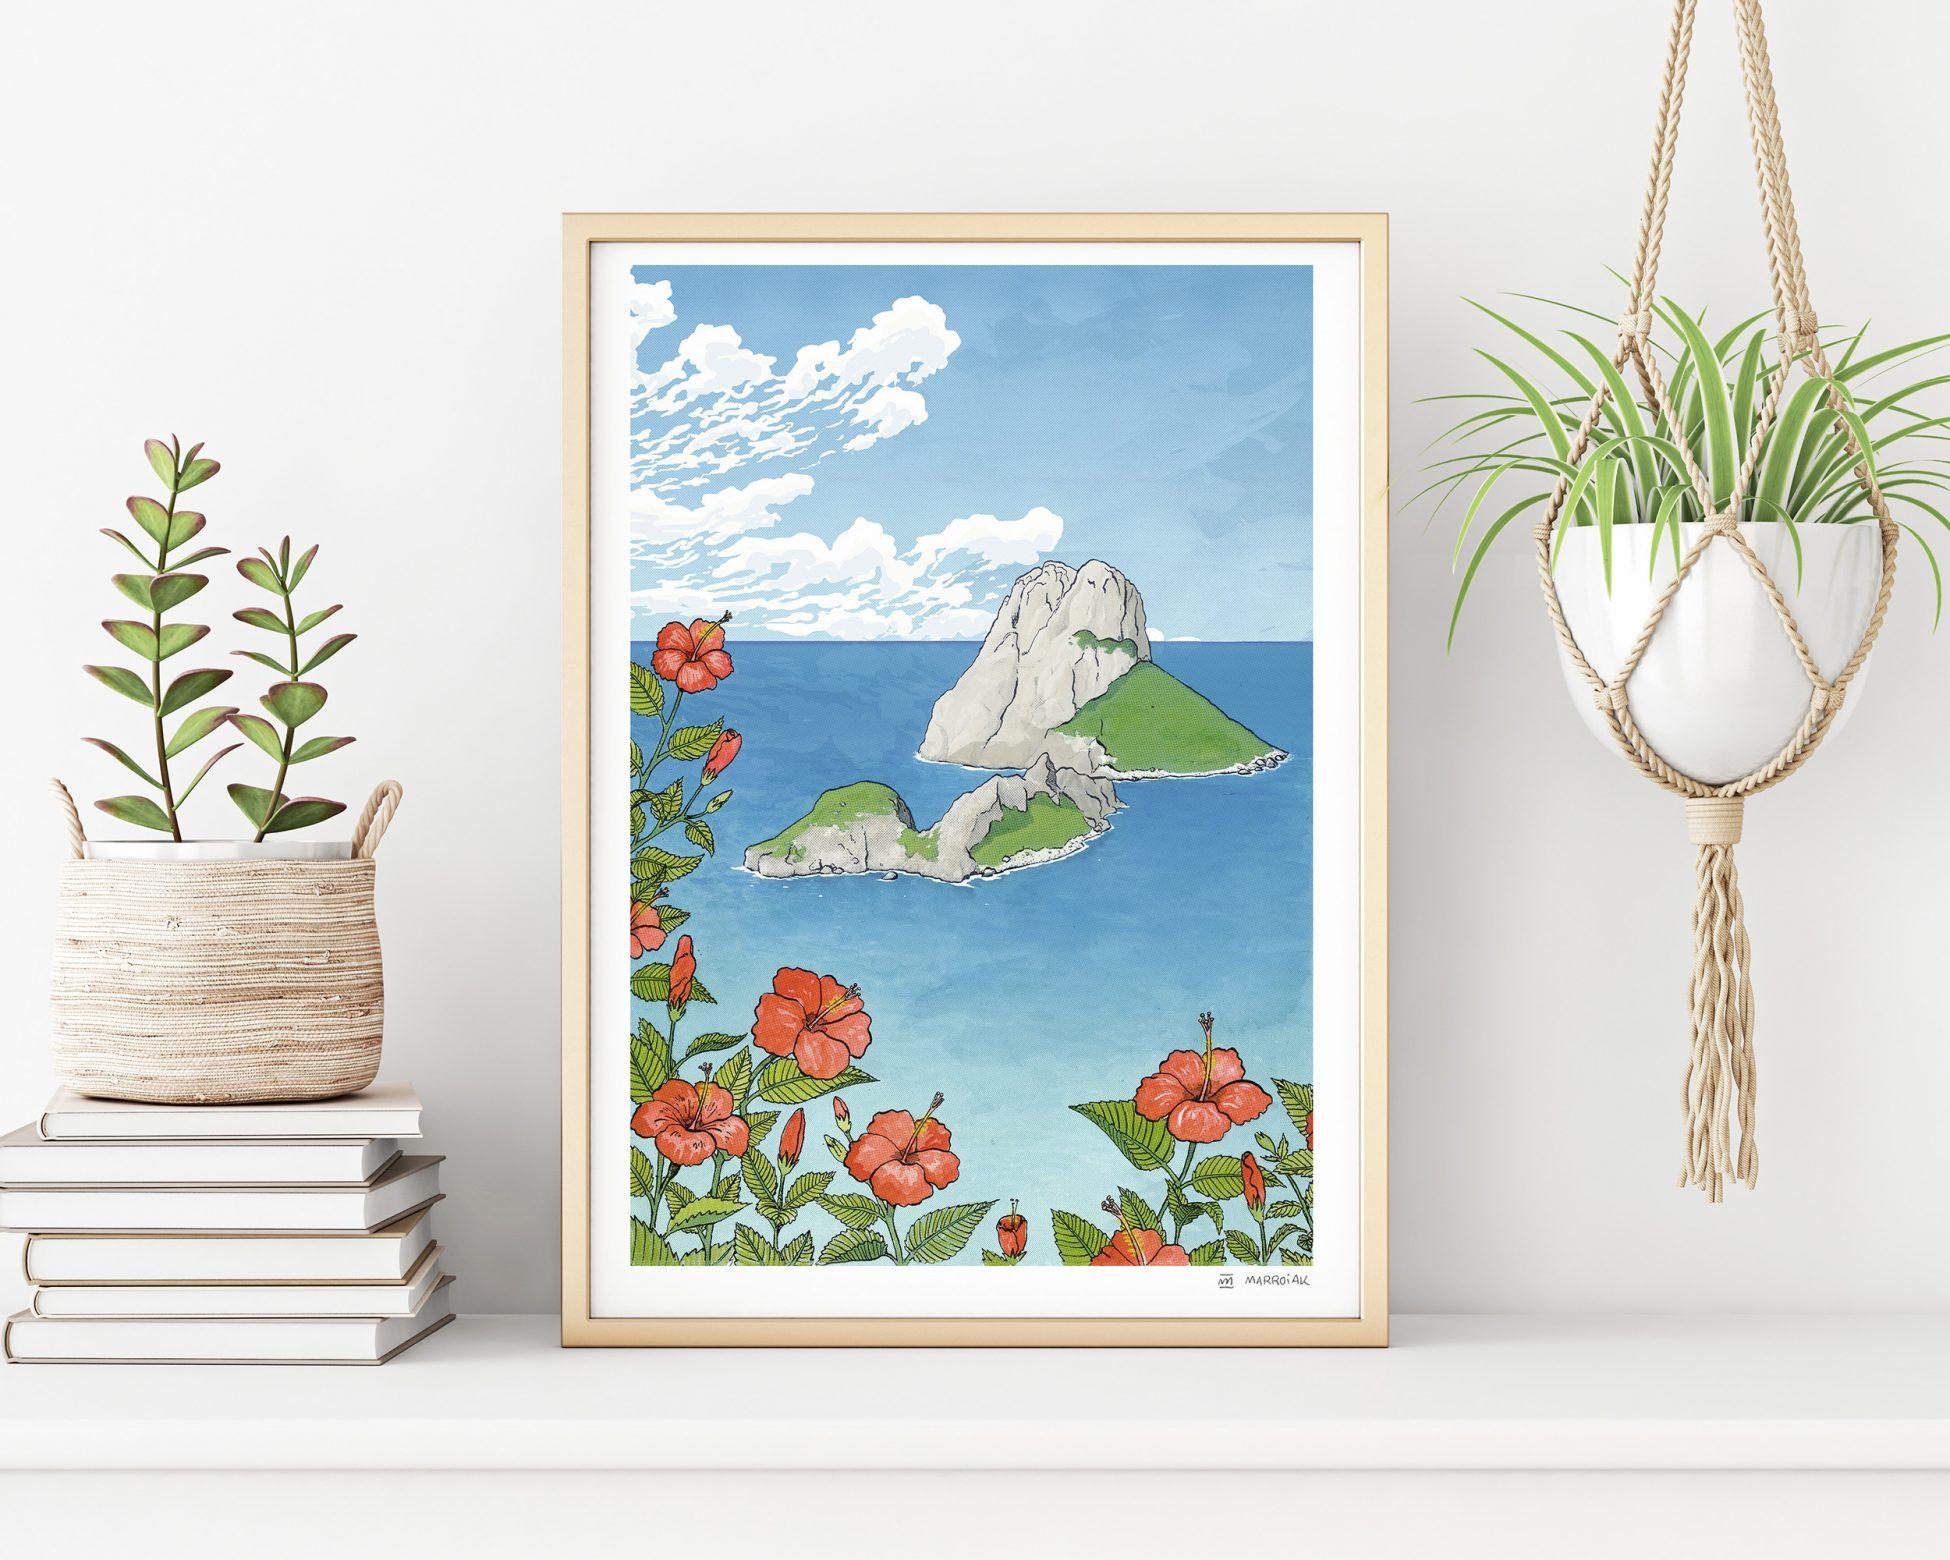 Cuadro con una ilustración de Ibiza